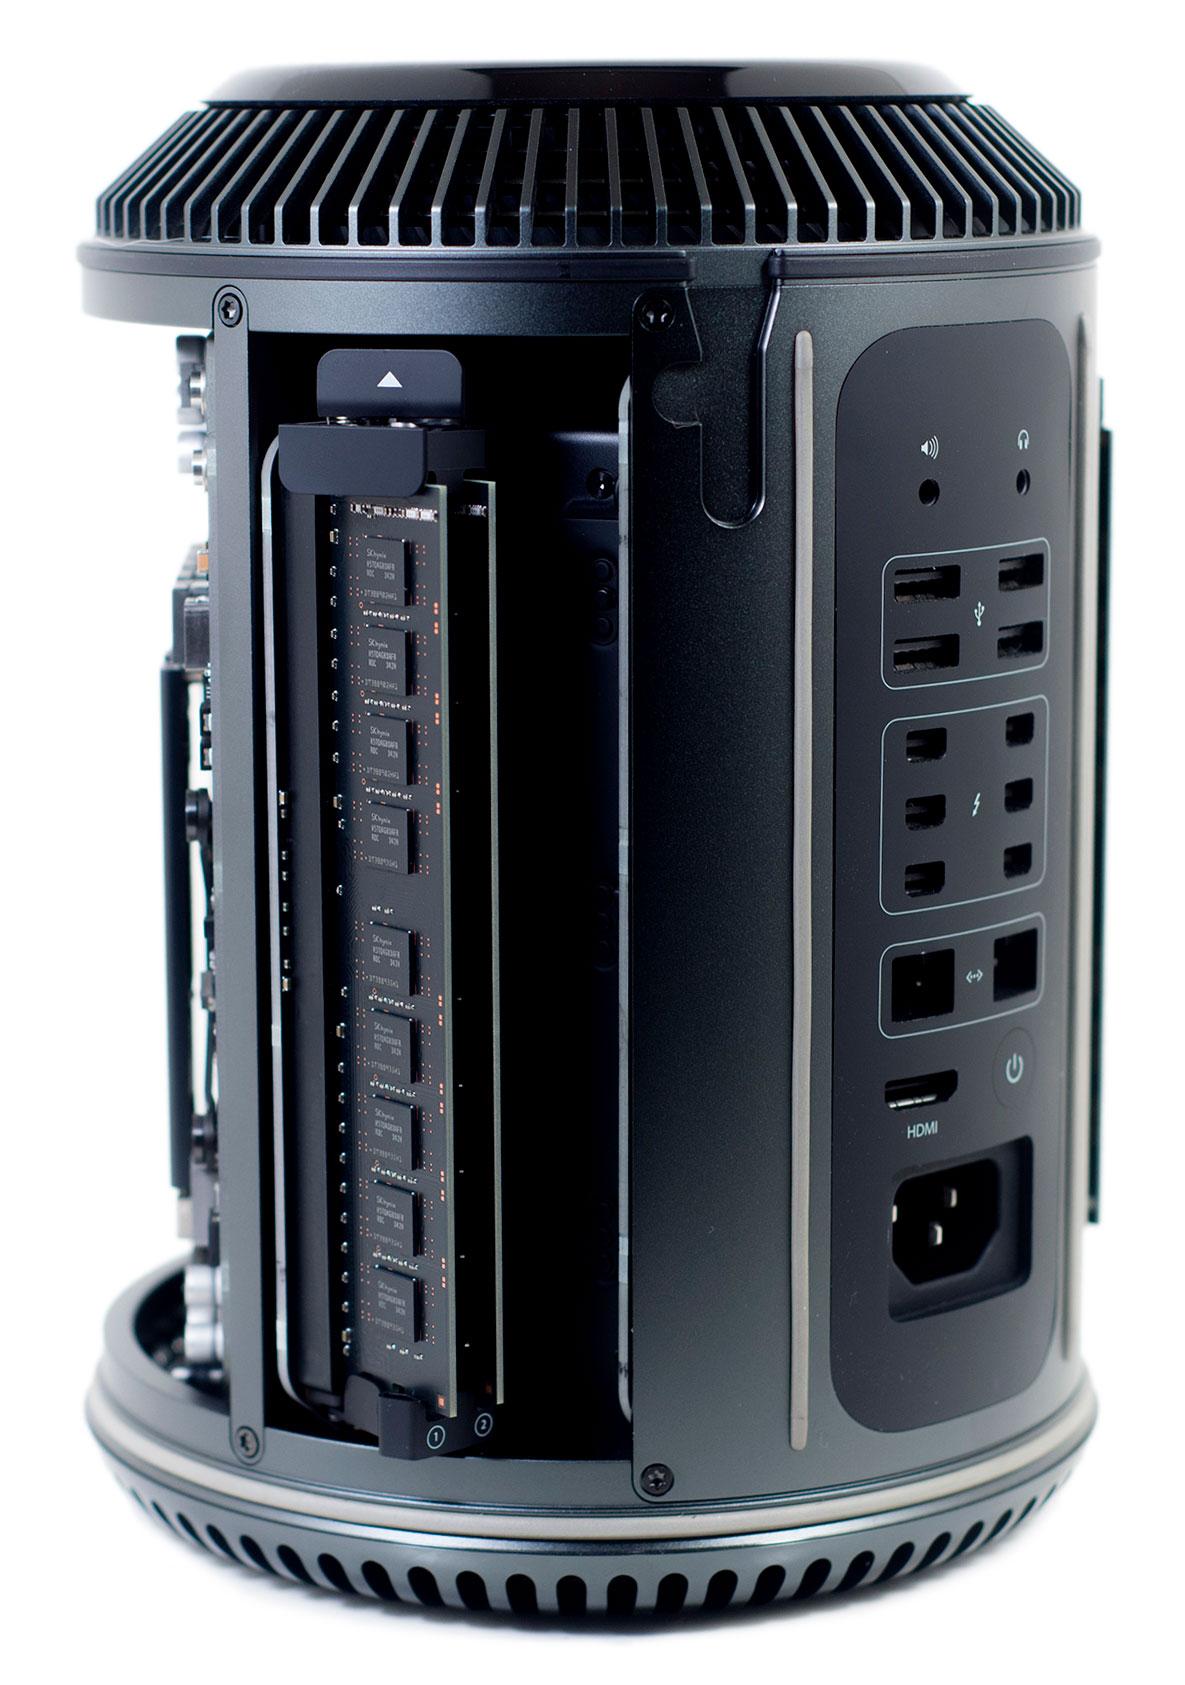 Mac Pro (Late 2013): 2,7-GHz 12-core Intel XEON-Processor - 500 GB SSD - 2x FirePro D300 2 GB - 64 GB RAM (★★★★☆)